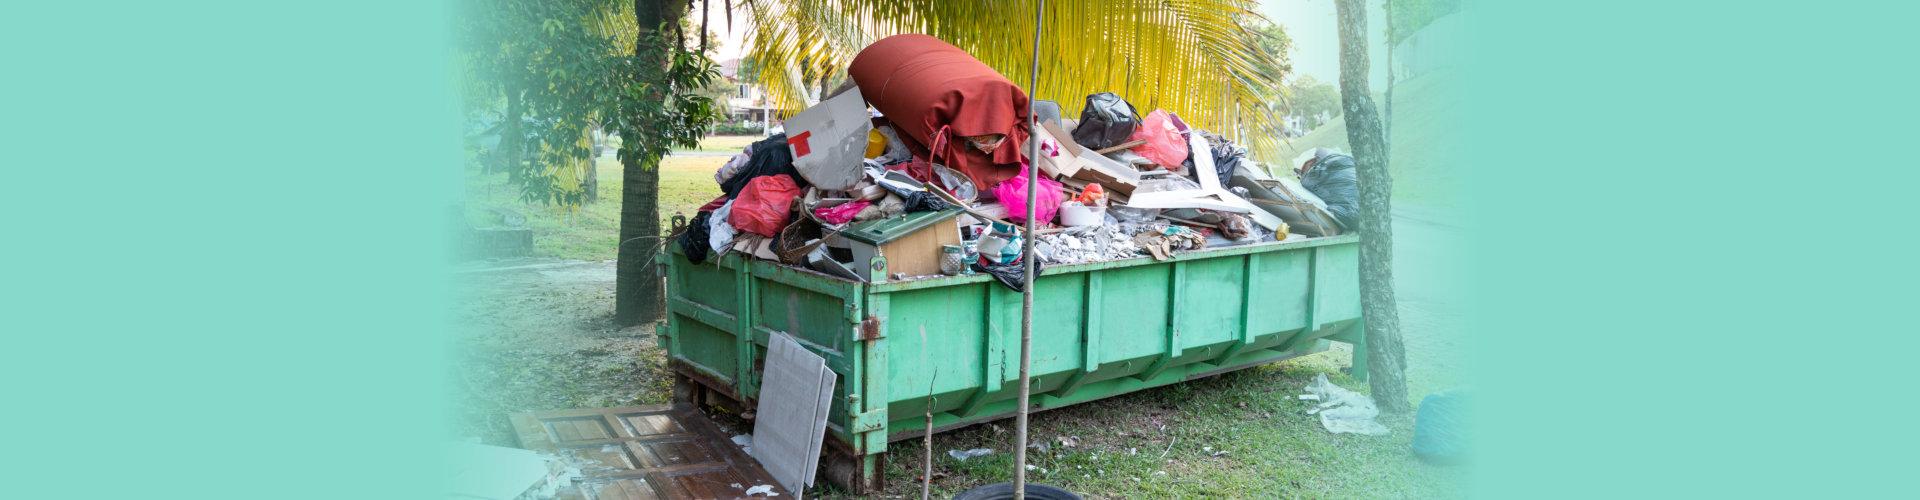 dumpster bin